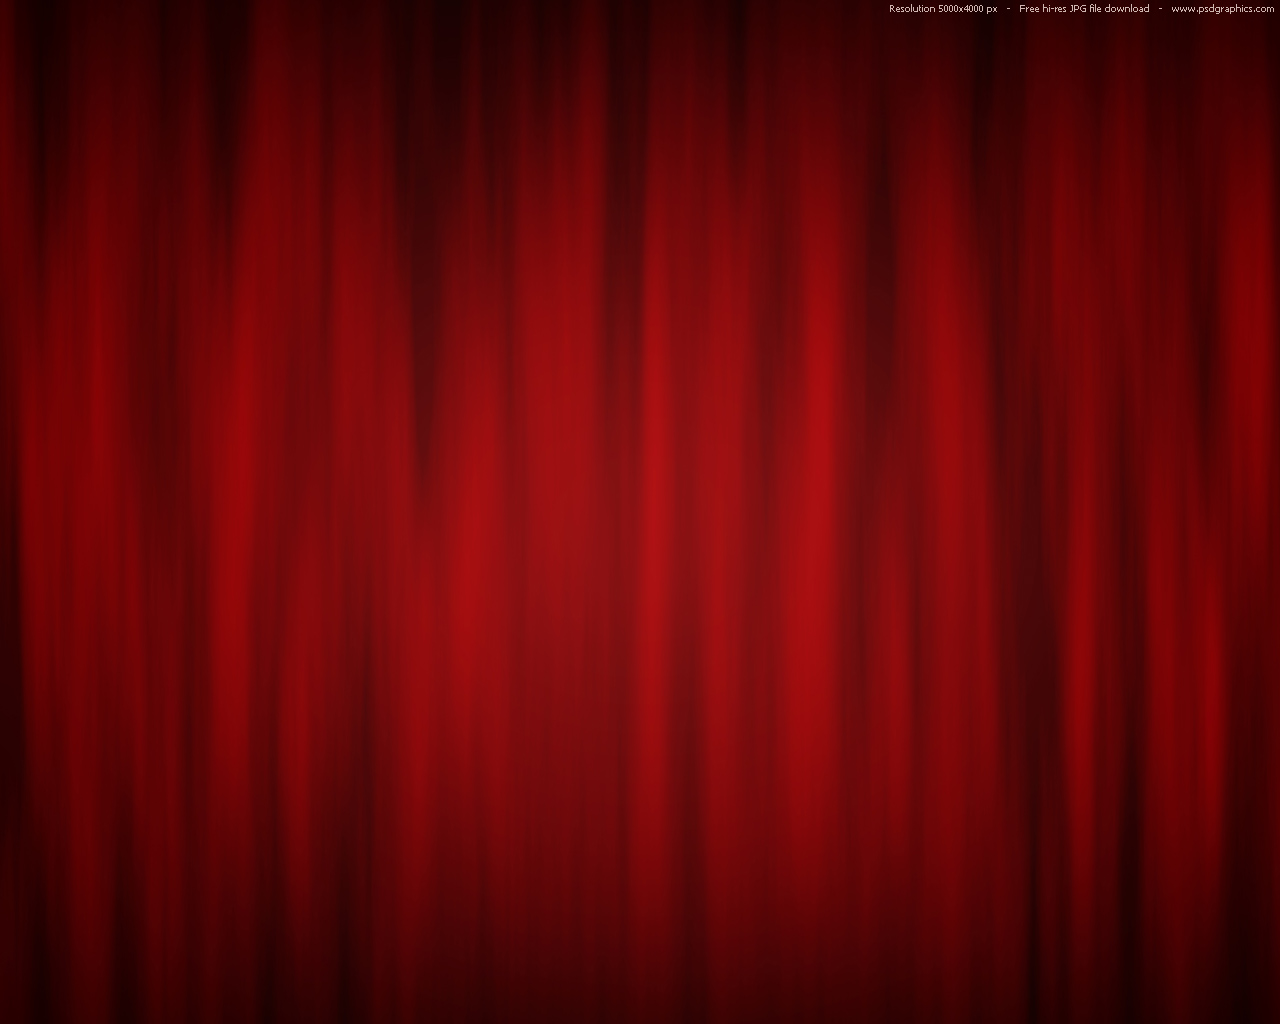 Black color Love Wallpaper : Red And Black colors 2 Desktop Wallpaper - Hdblackwallpaper.com